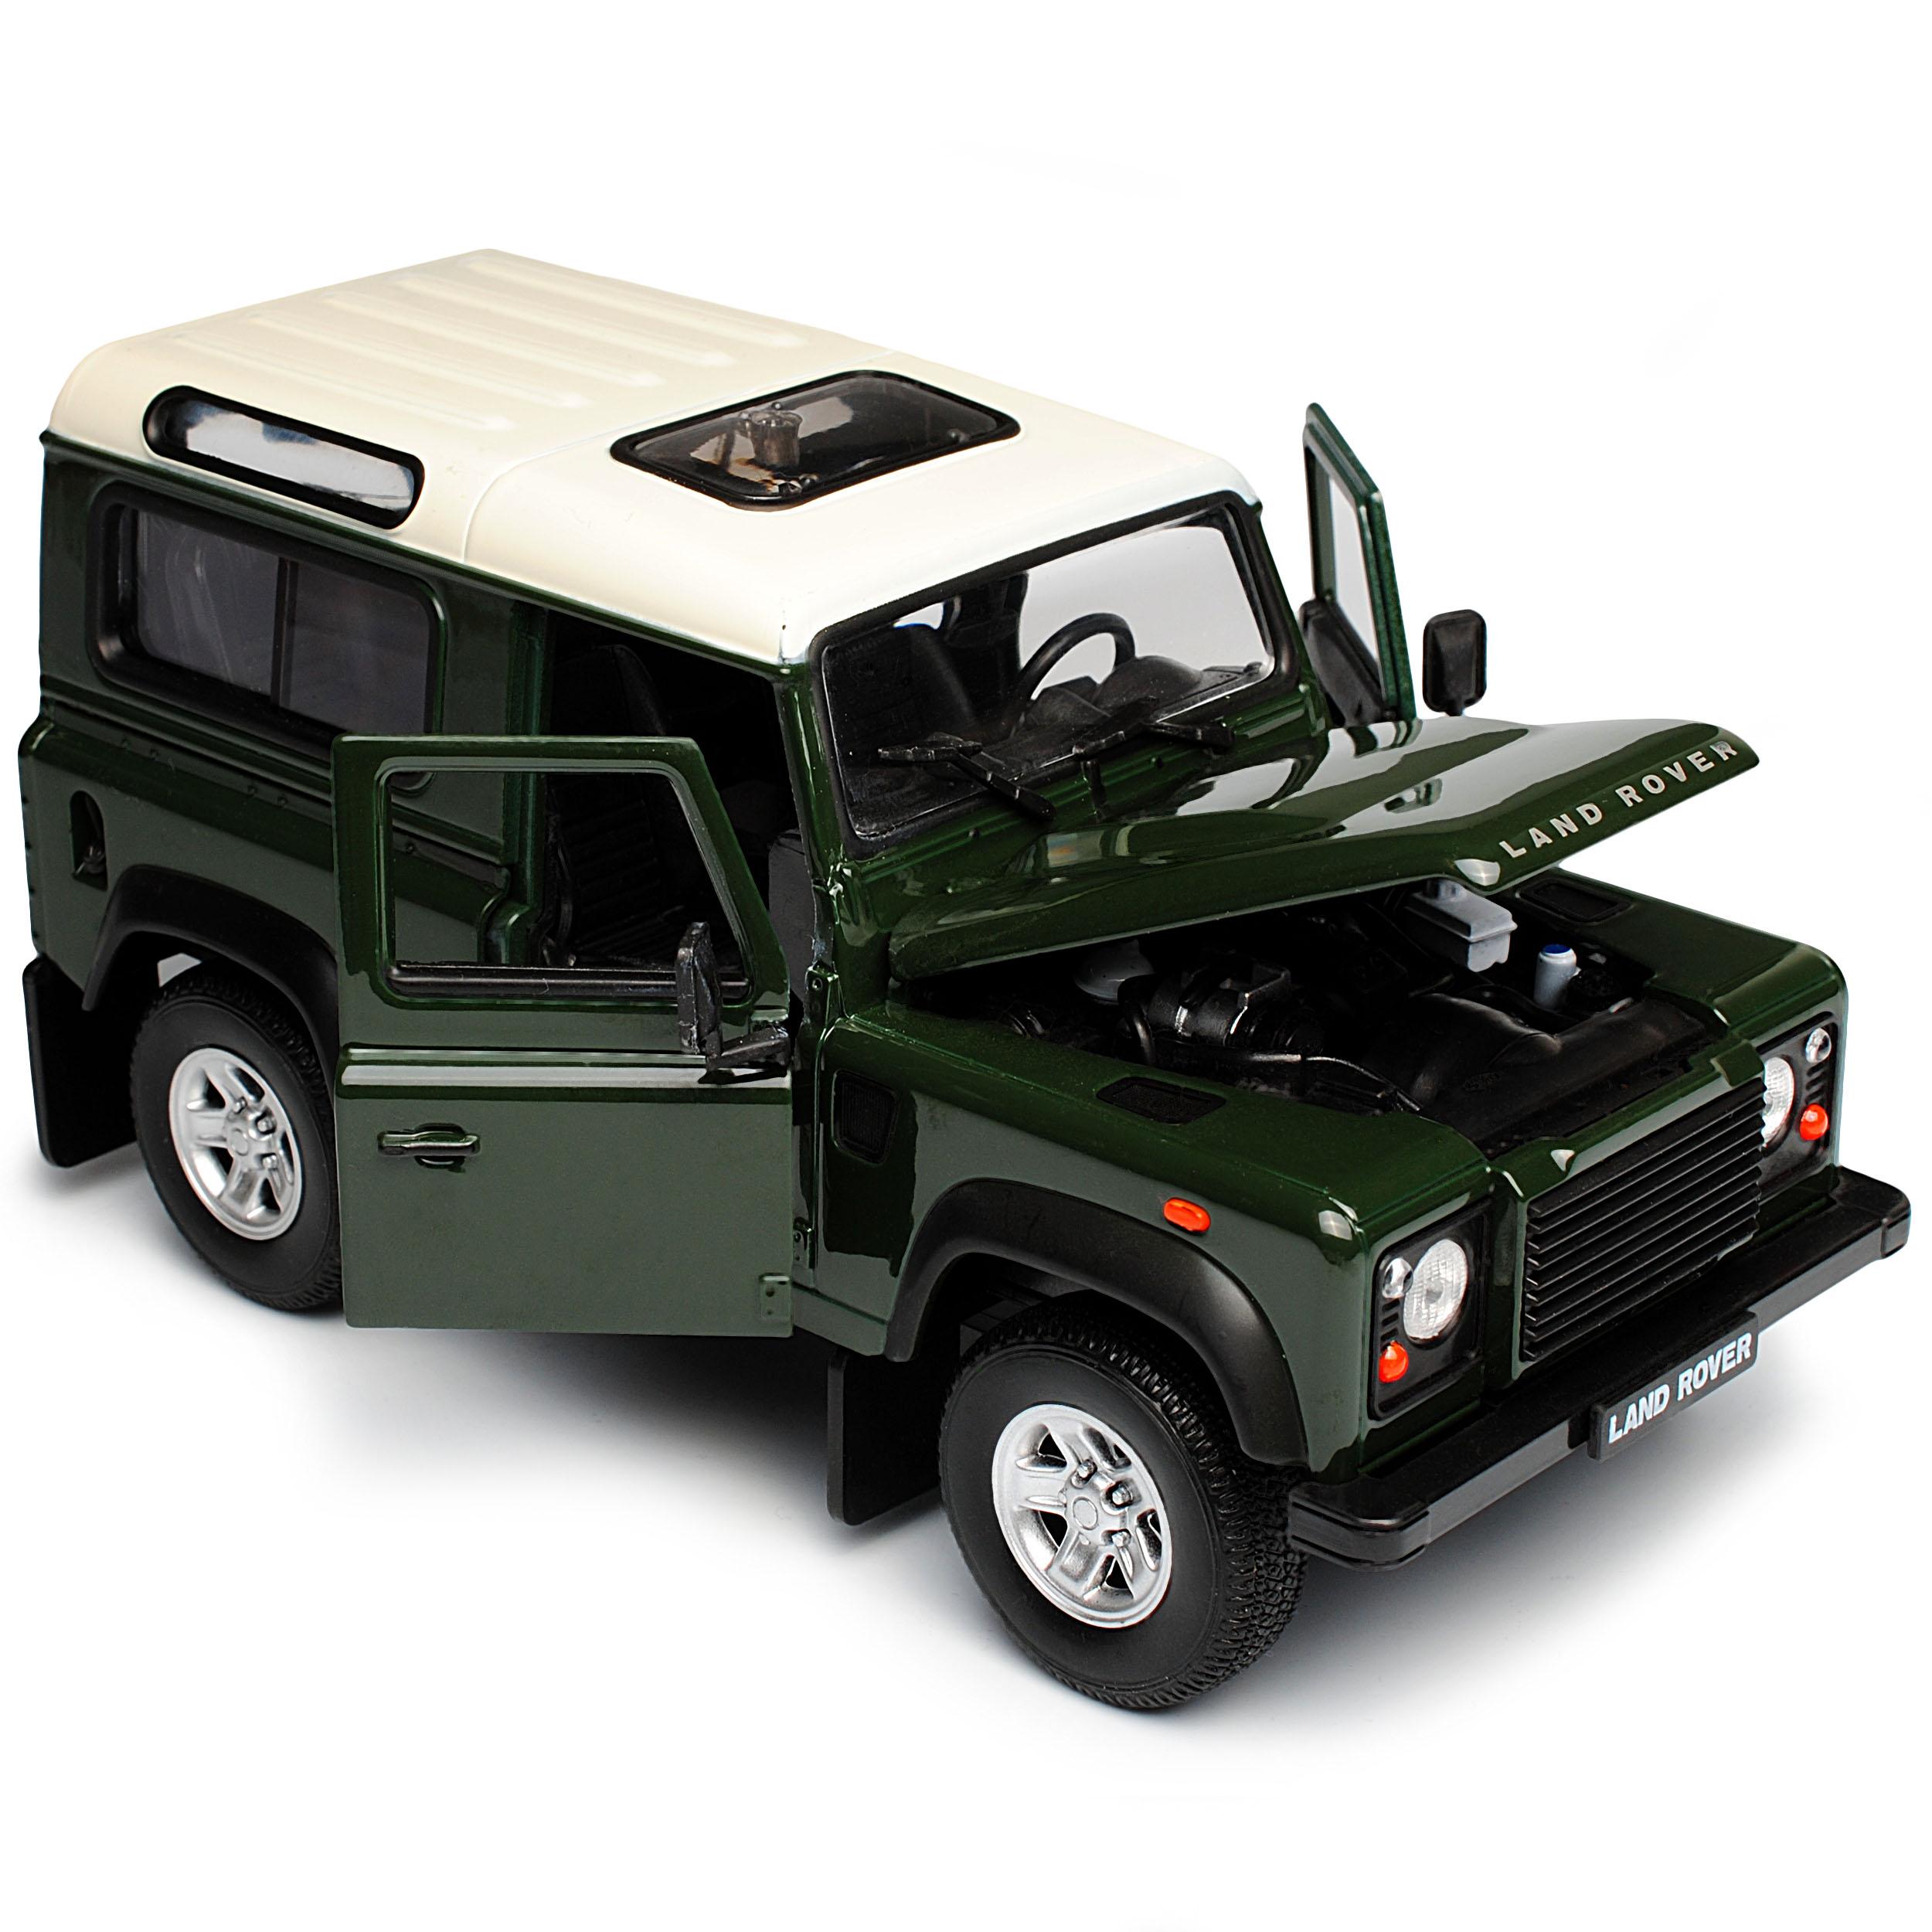 Land Rover Defender 90 verde con techo blanca 3 puertas 1//24 Welly modelo auto con